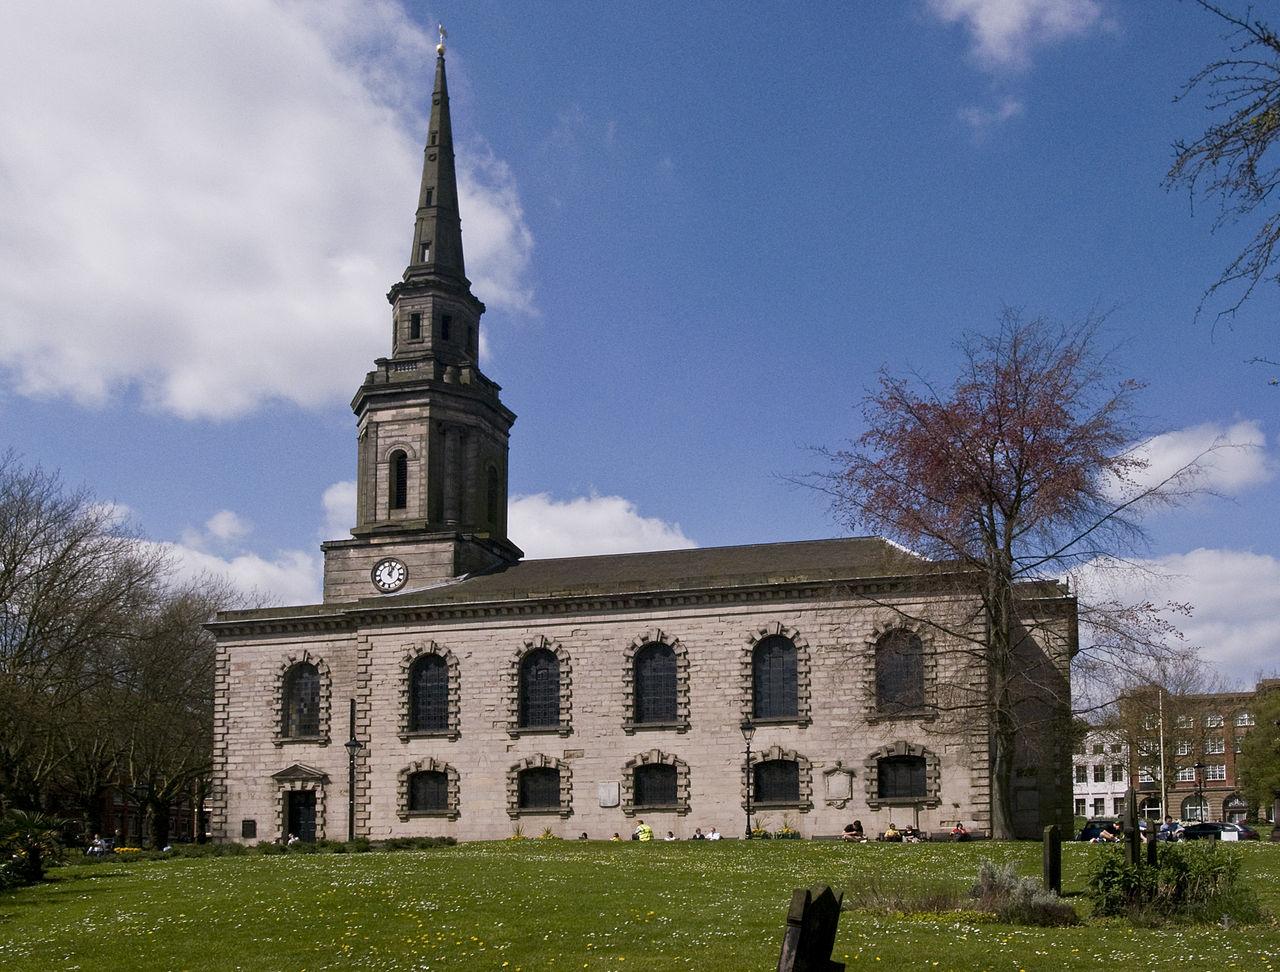 โบสถ์เซนต์ปอล-ตัวโบสถ์